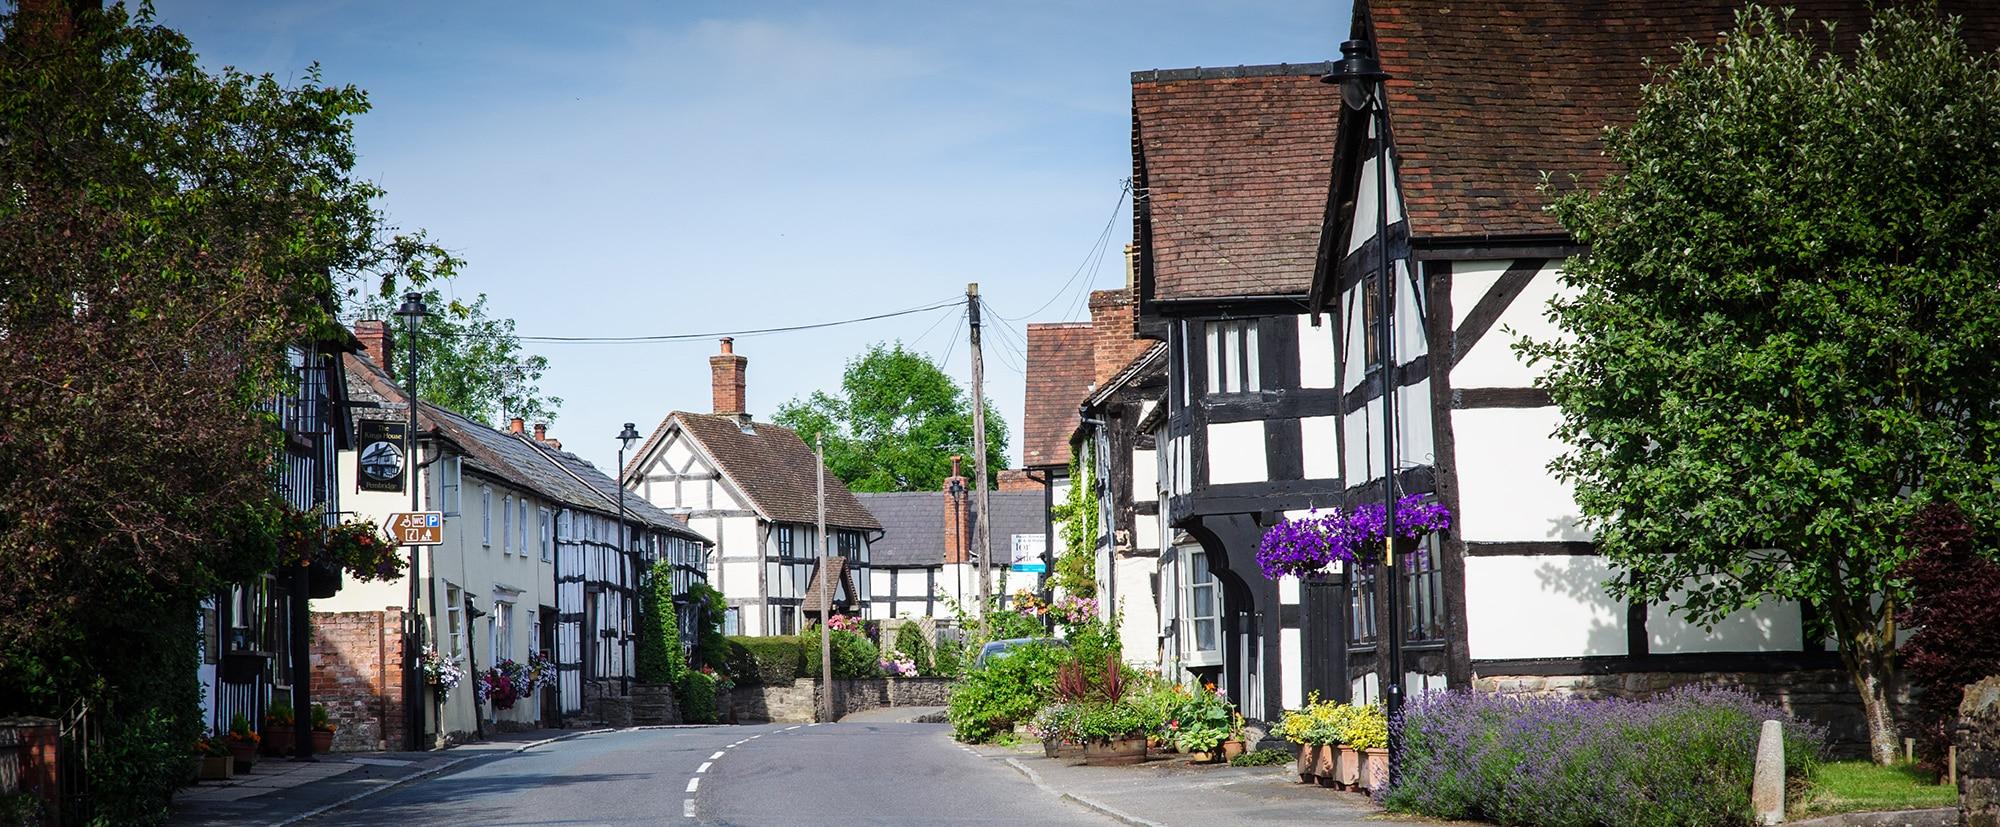 Pembridge Village